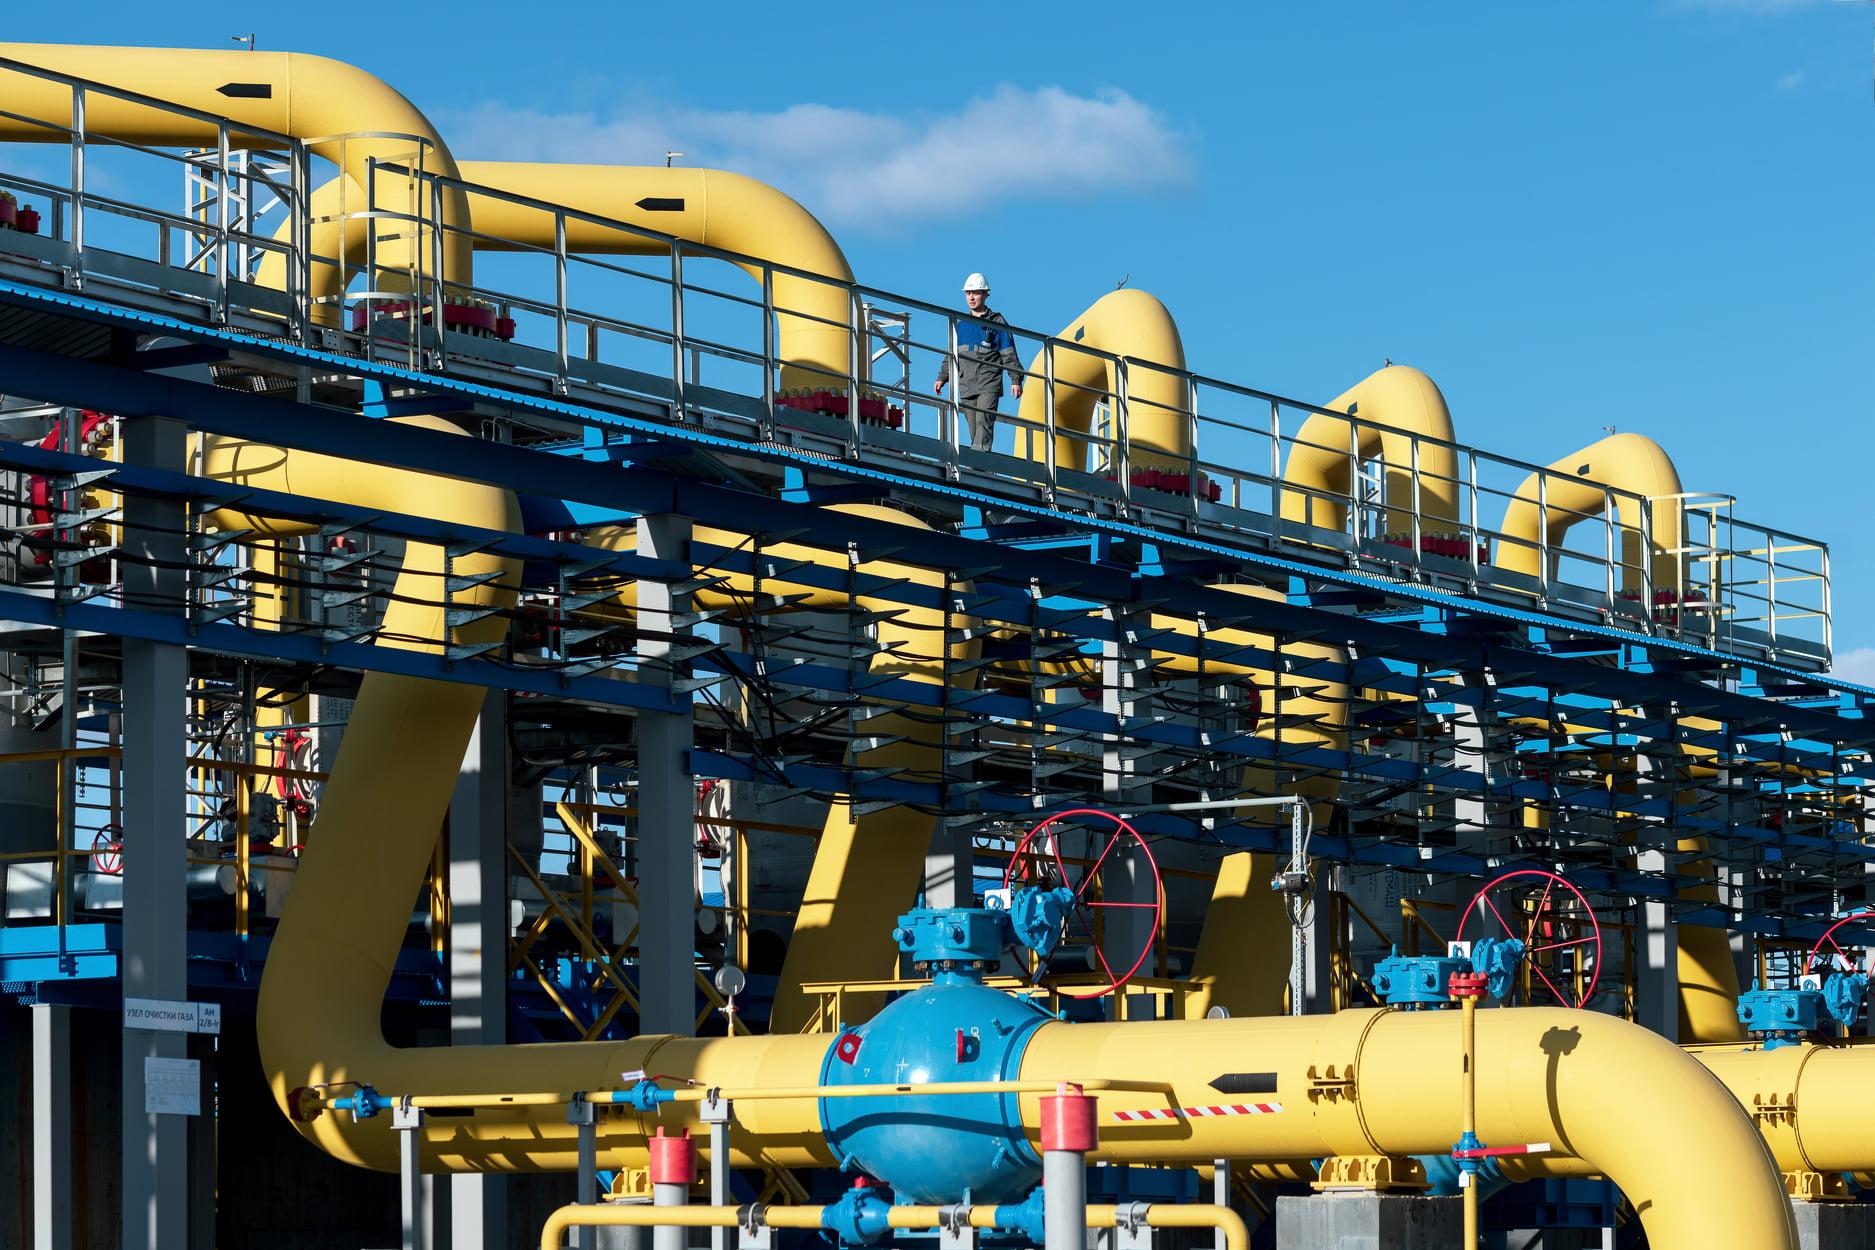 В Нафтогазе категорически отказались от предложения Газпрома о транзите топлива